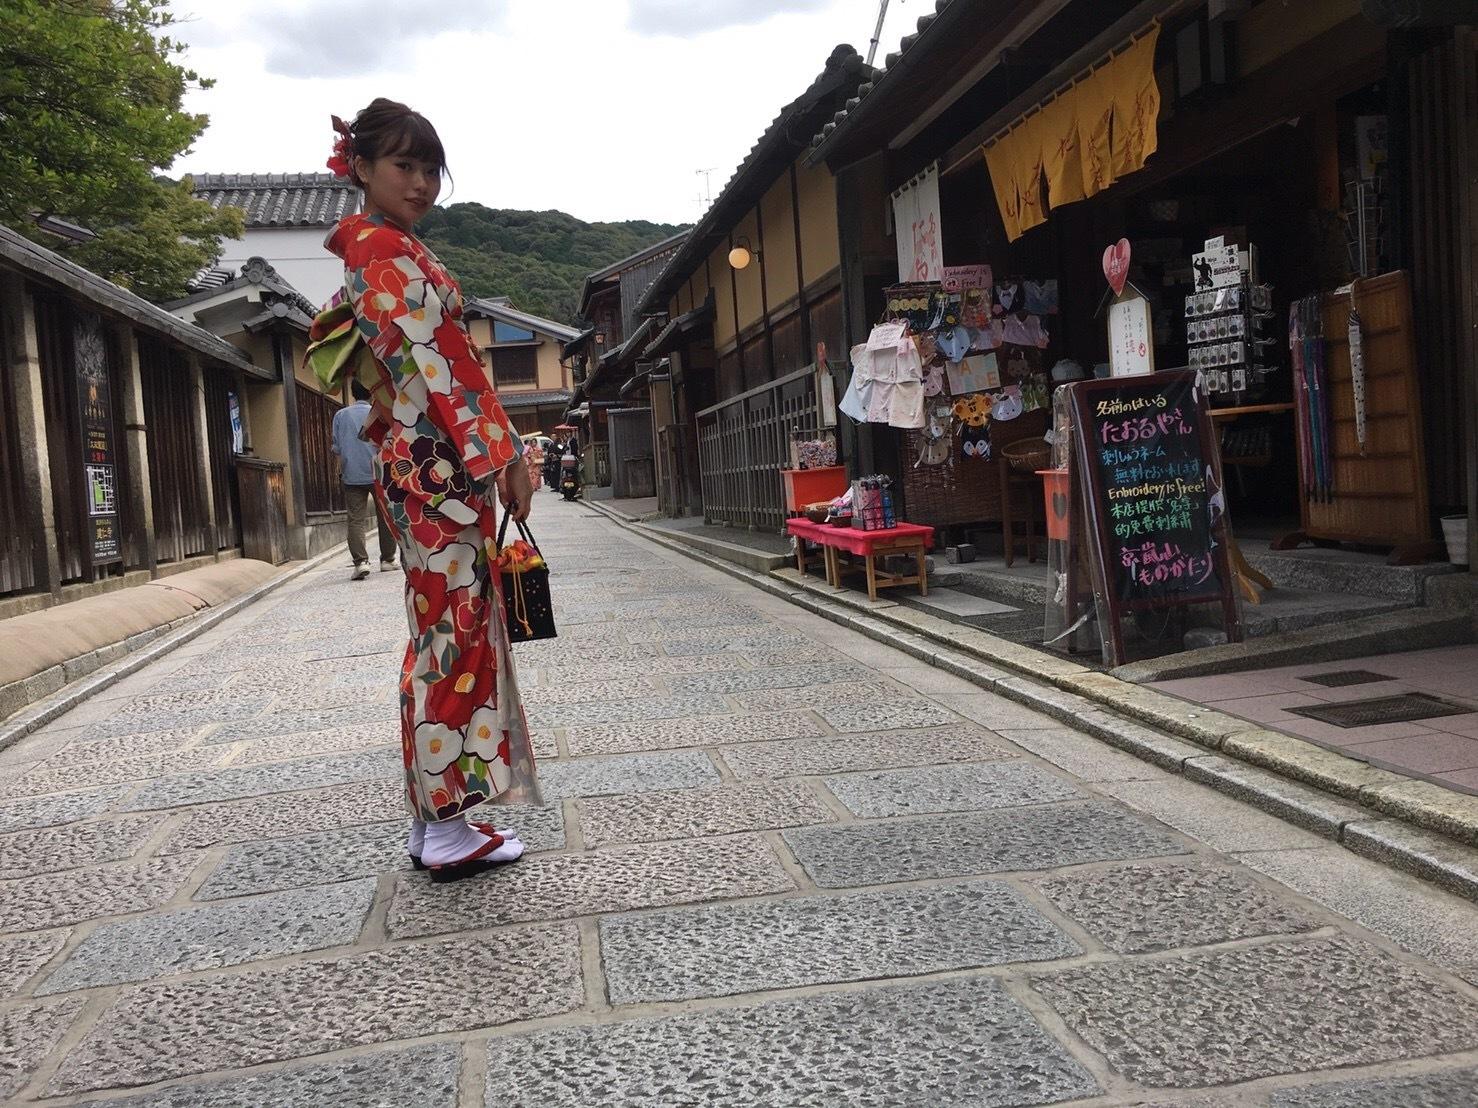 京都に行ったら着物でお散歩❤︎おすすめレンタル着物店_1_1